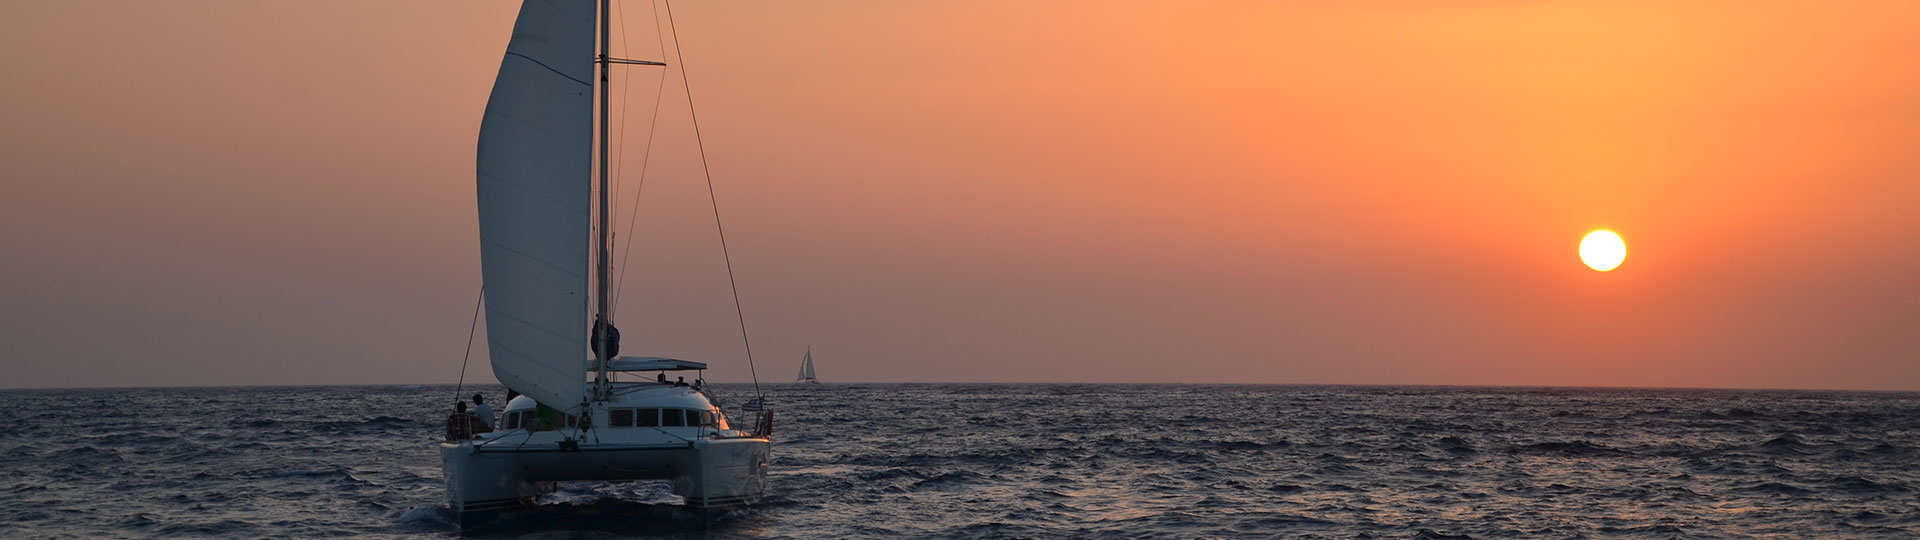 santorini sail